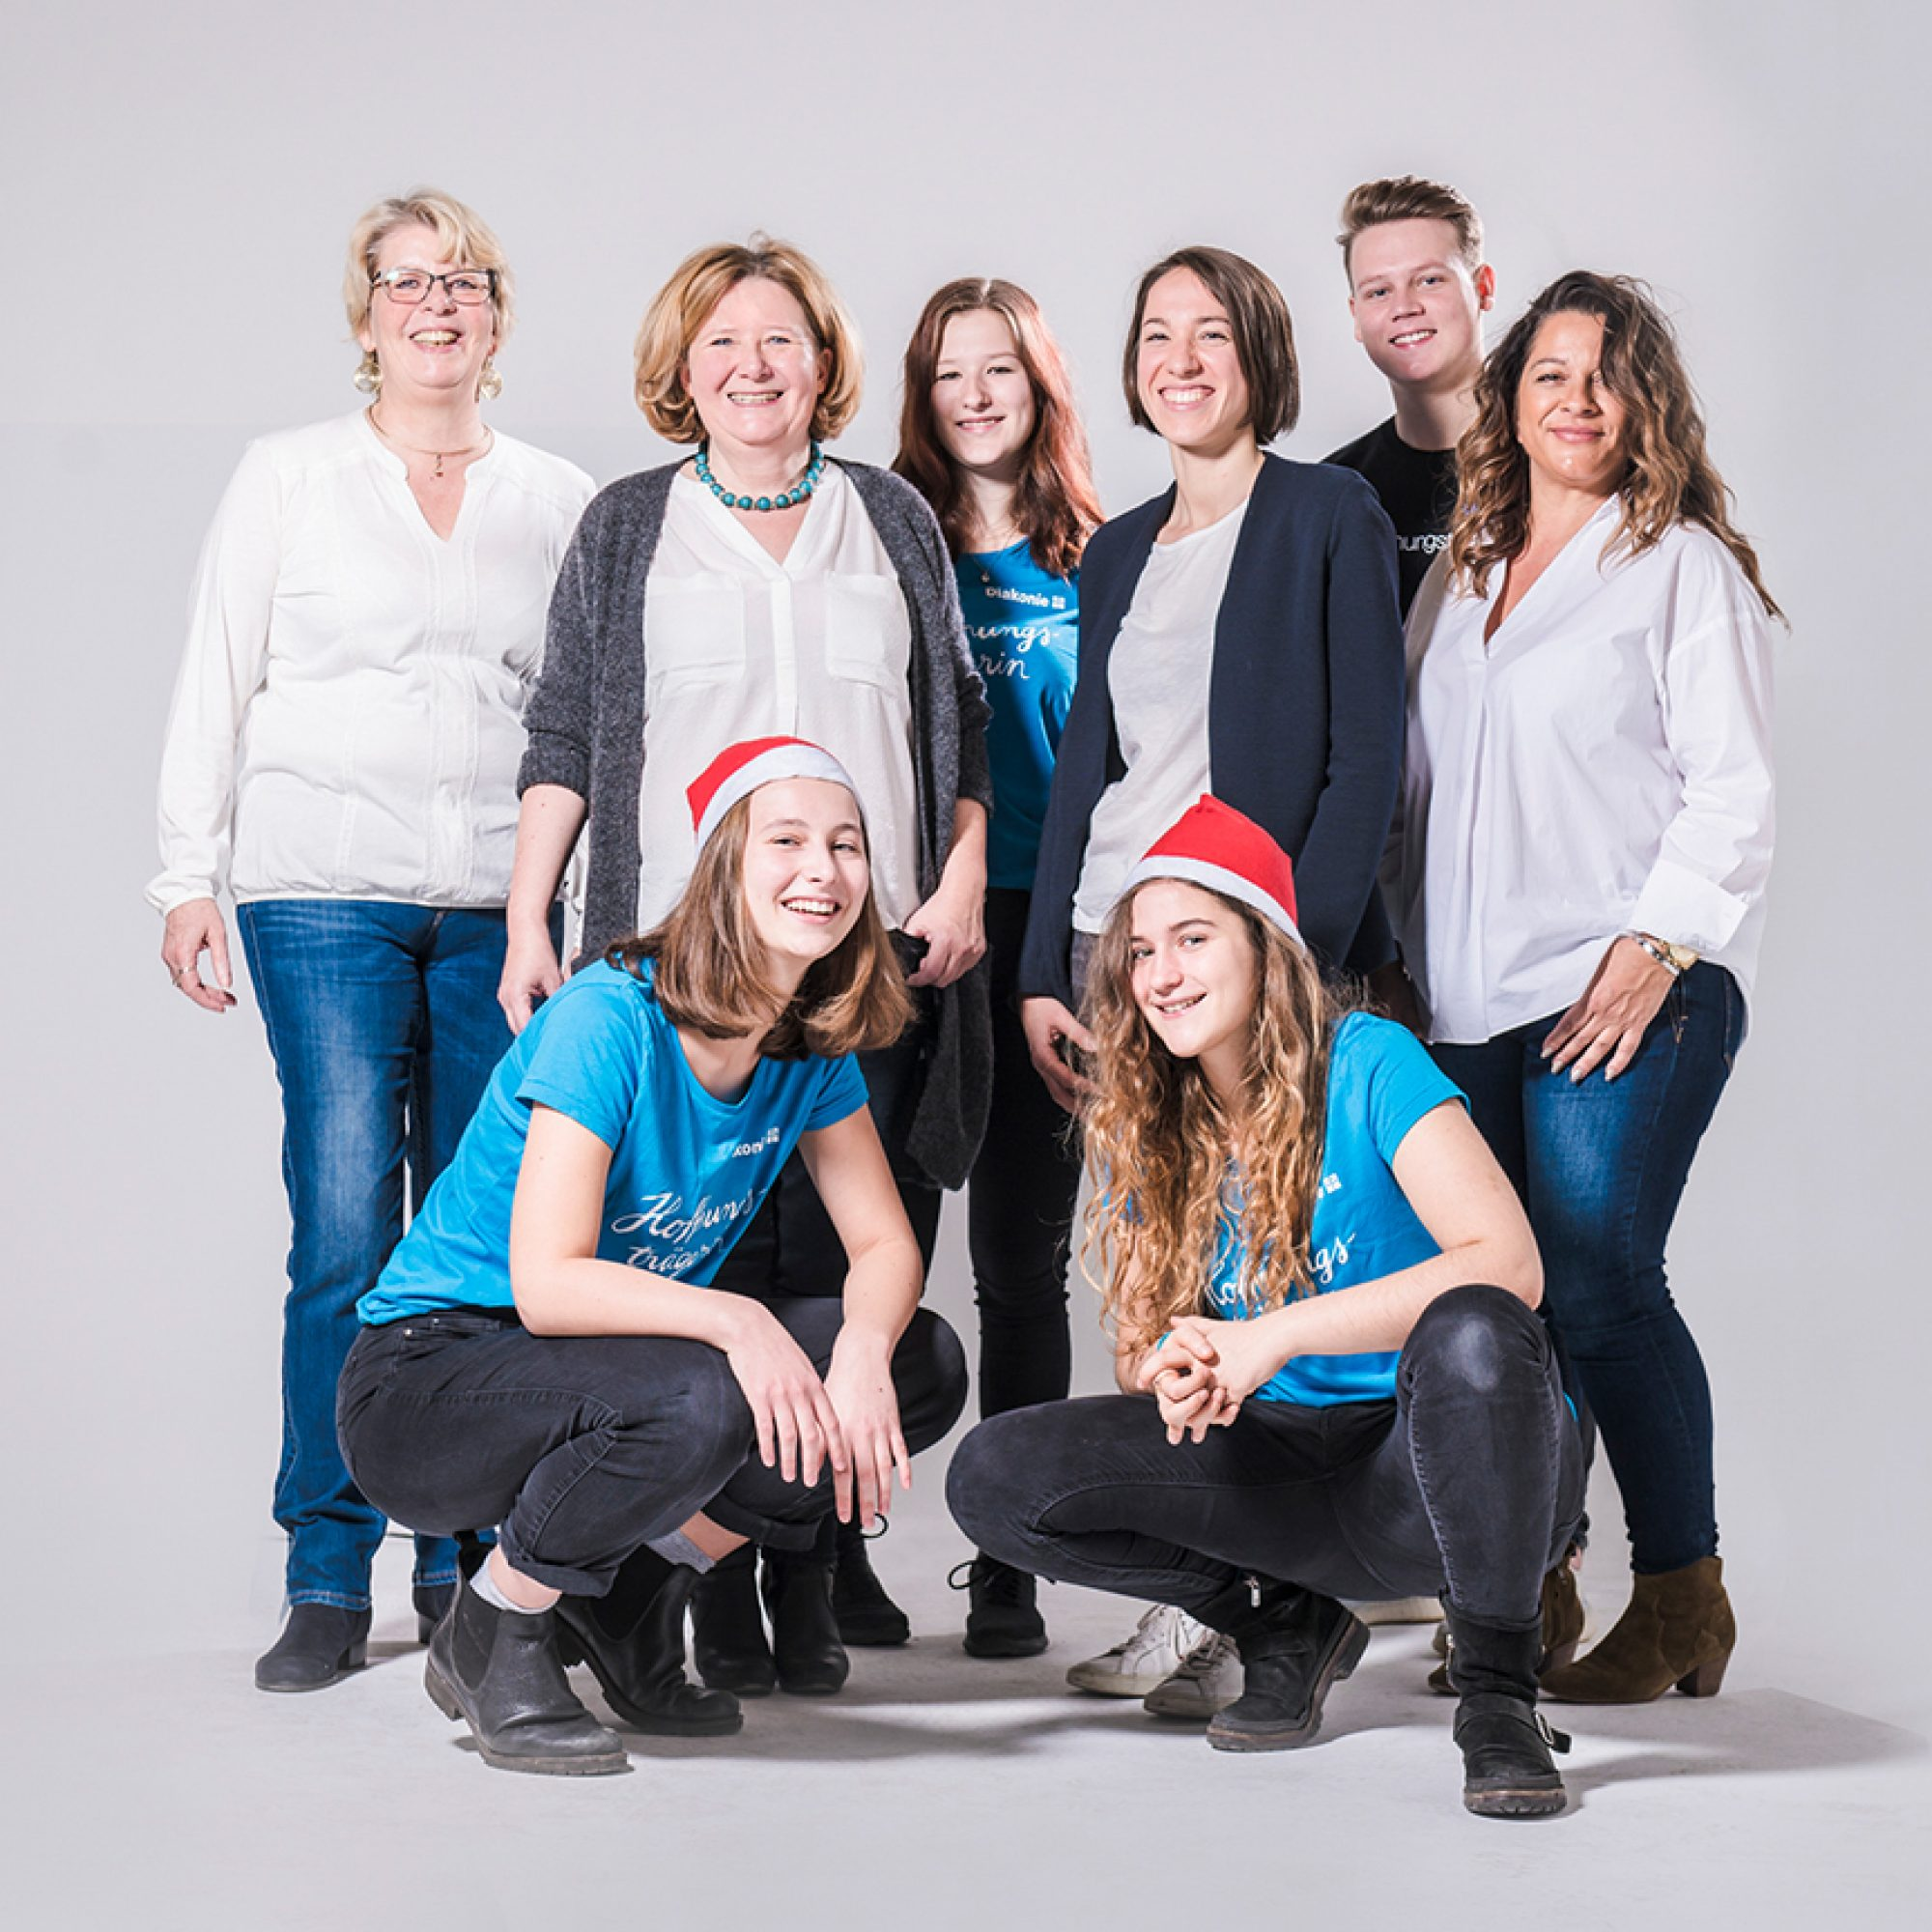 Gruppenfoto der hauptamtlichen AmberMed Mitarbeiter*innen